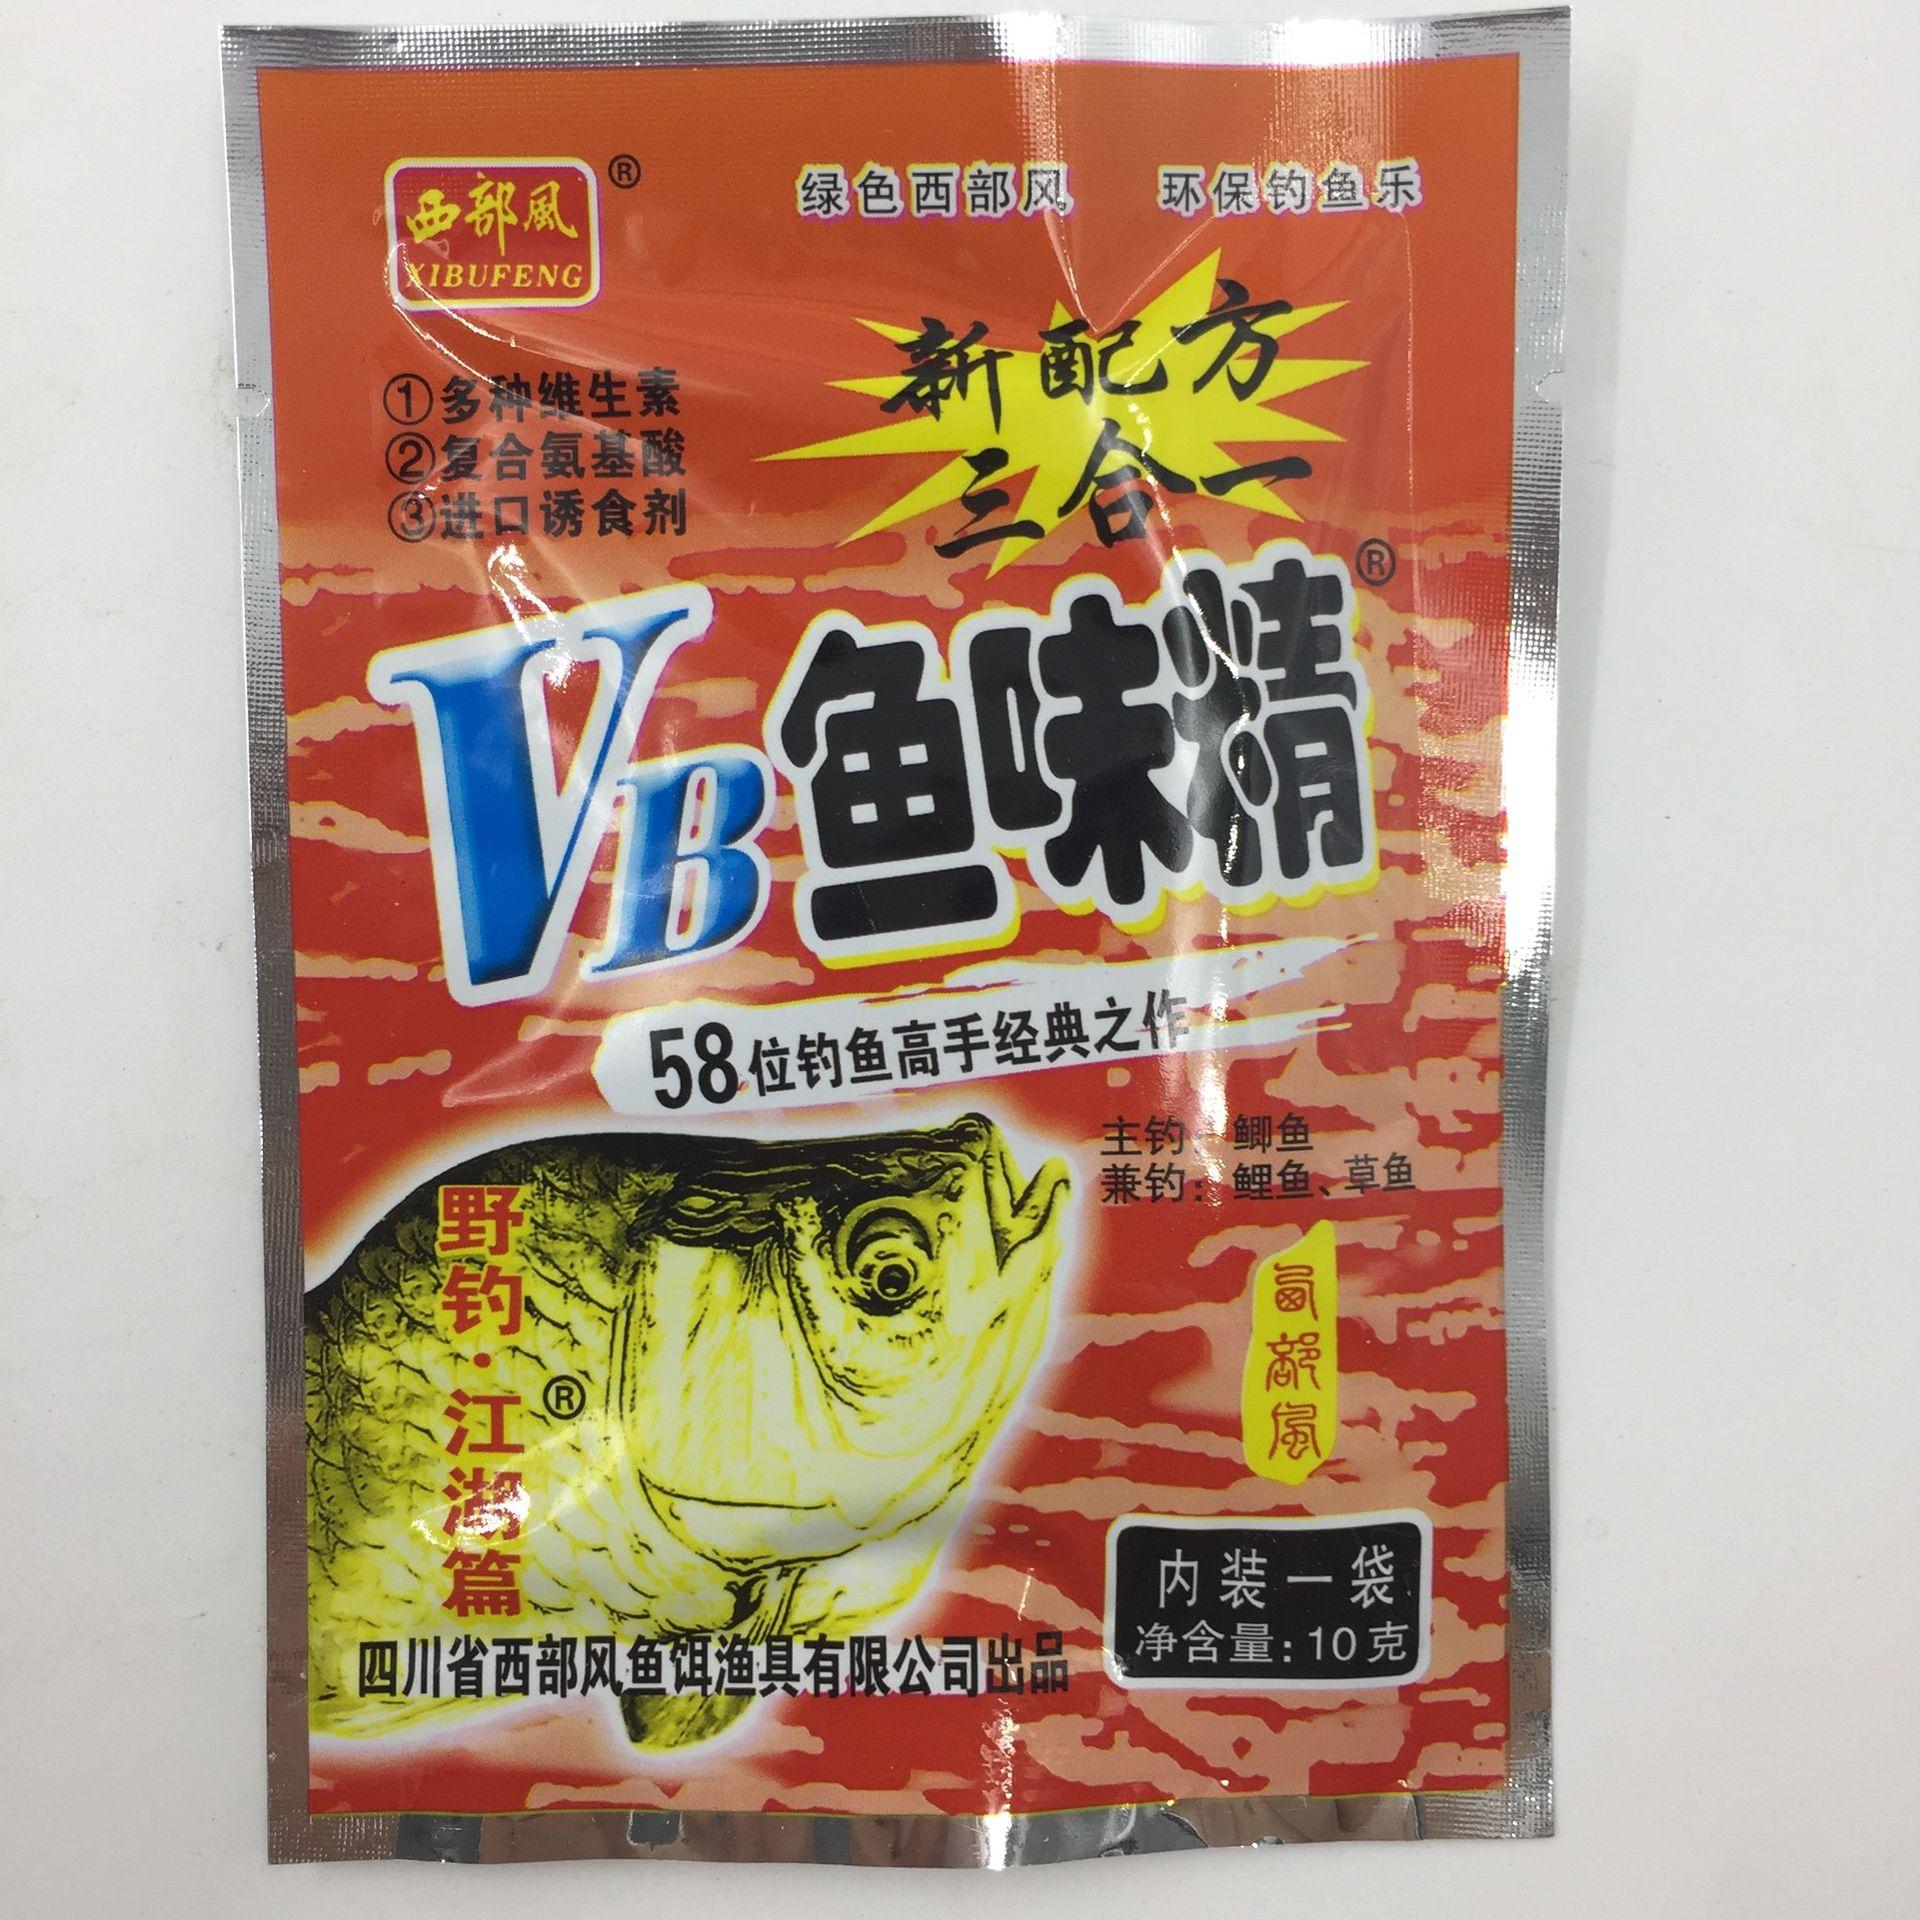 西部风VB鱼味精鲫鱼鲤鱼黑坑野钓小药添加剂香精10g*100袋/箱